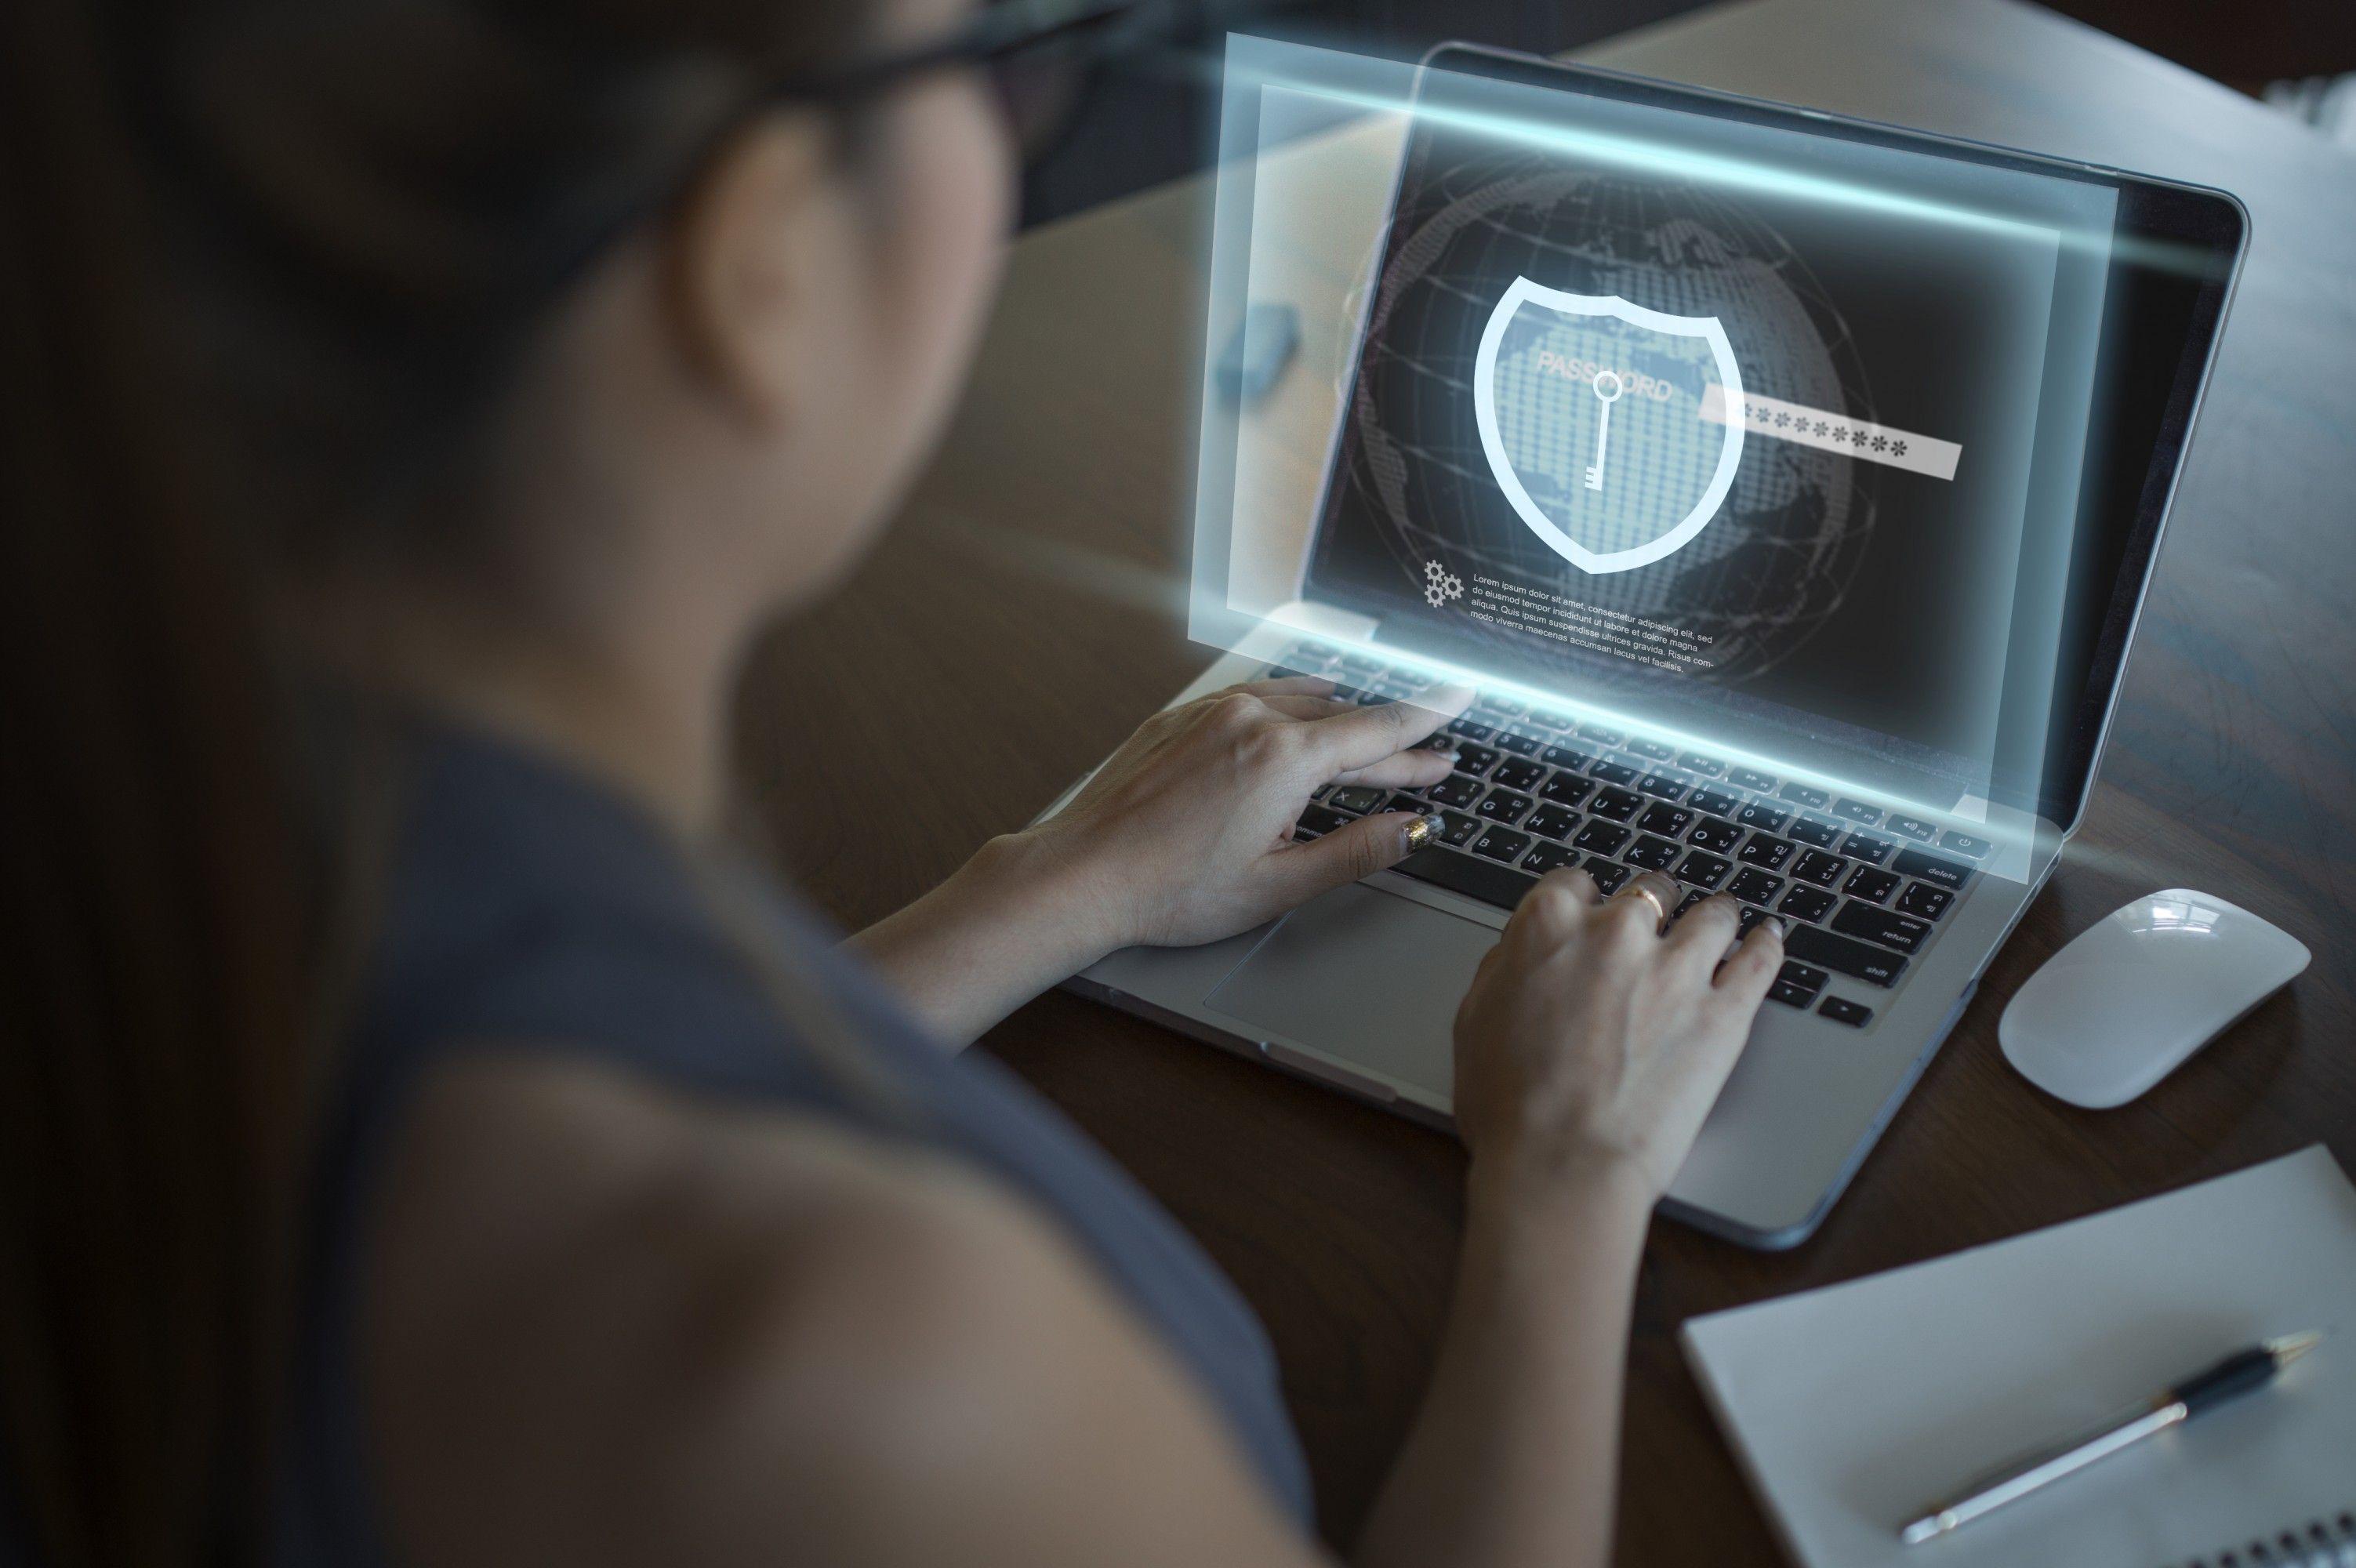 ¿Cómo ayuda la validación de antecedentes a proteger a tus usuarios?